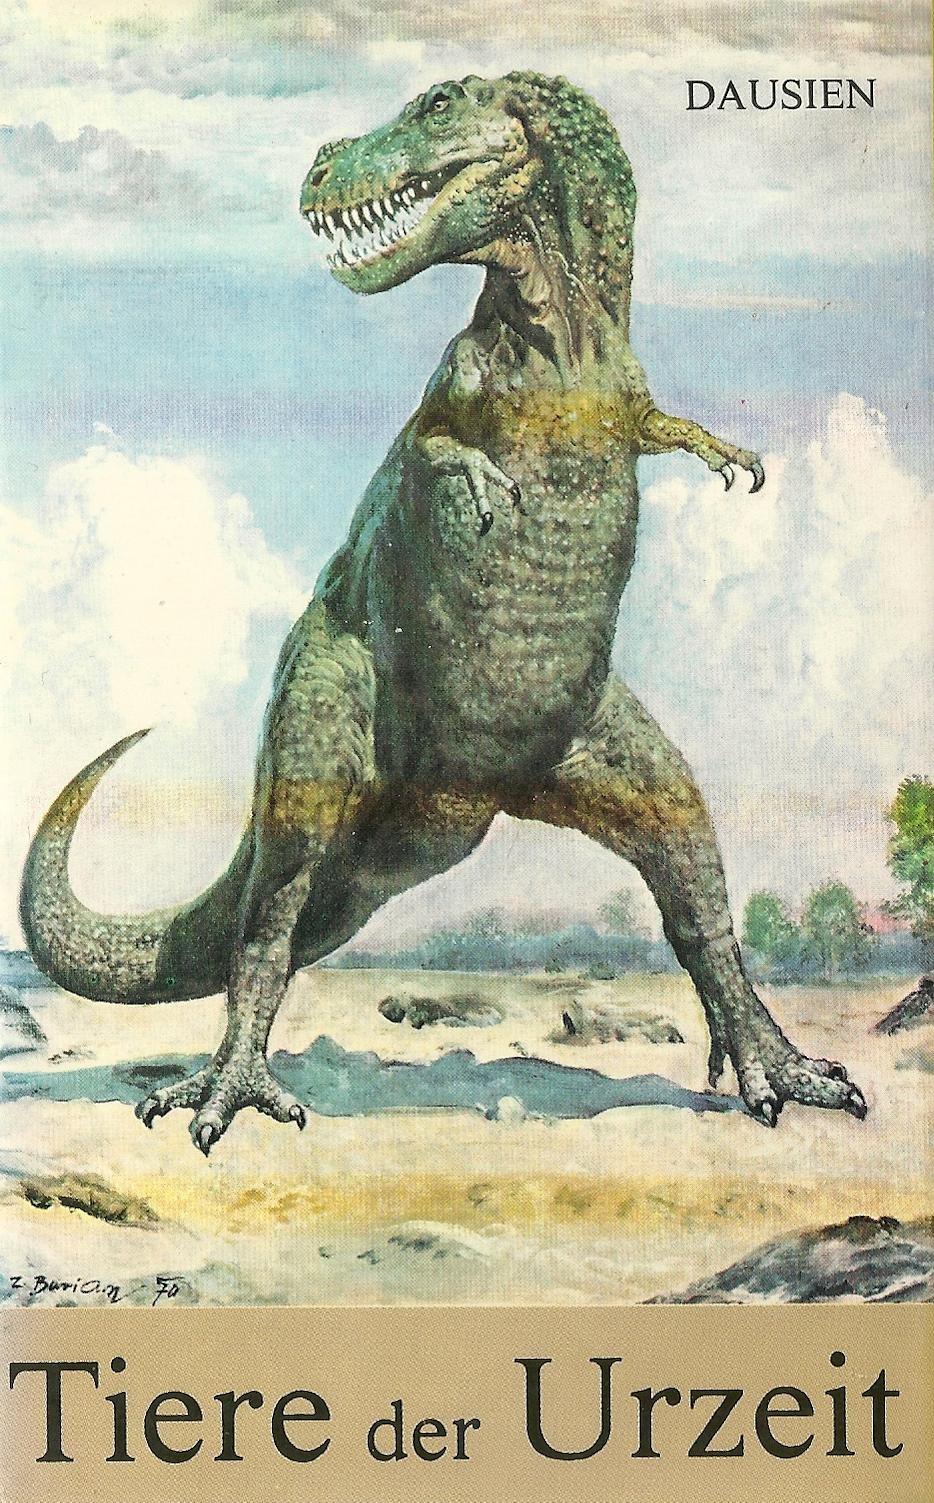 Tiere der Urzeit